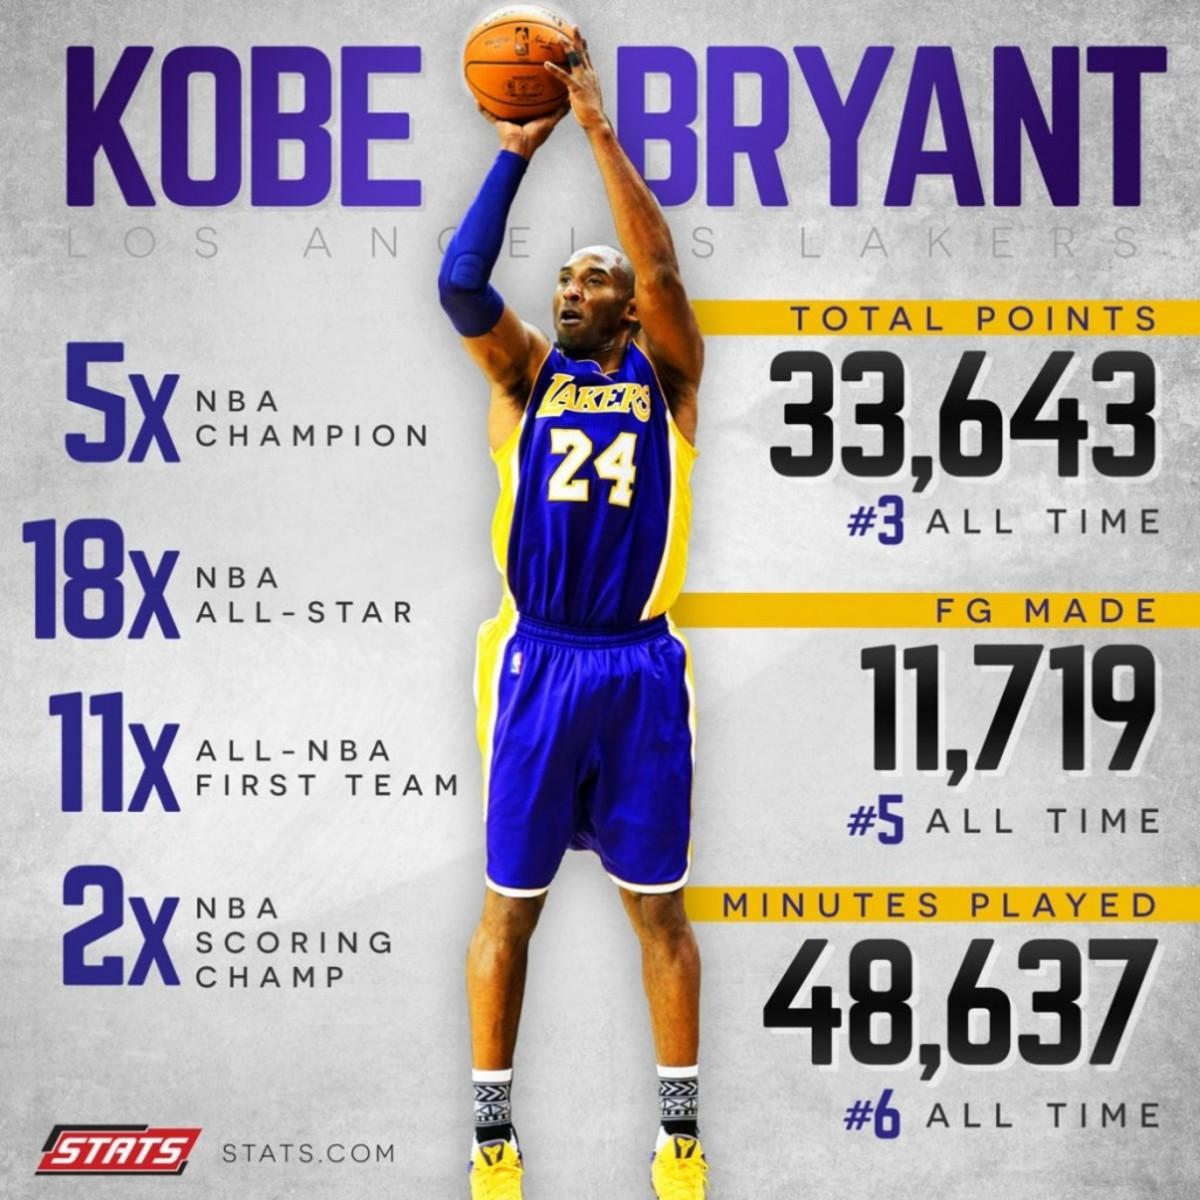 Kobe Bryant stats